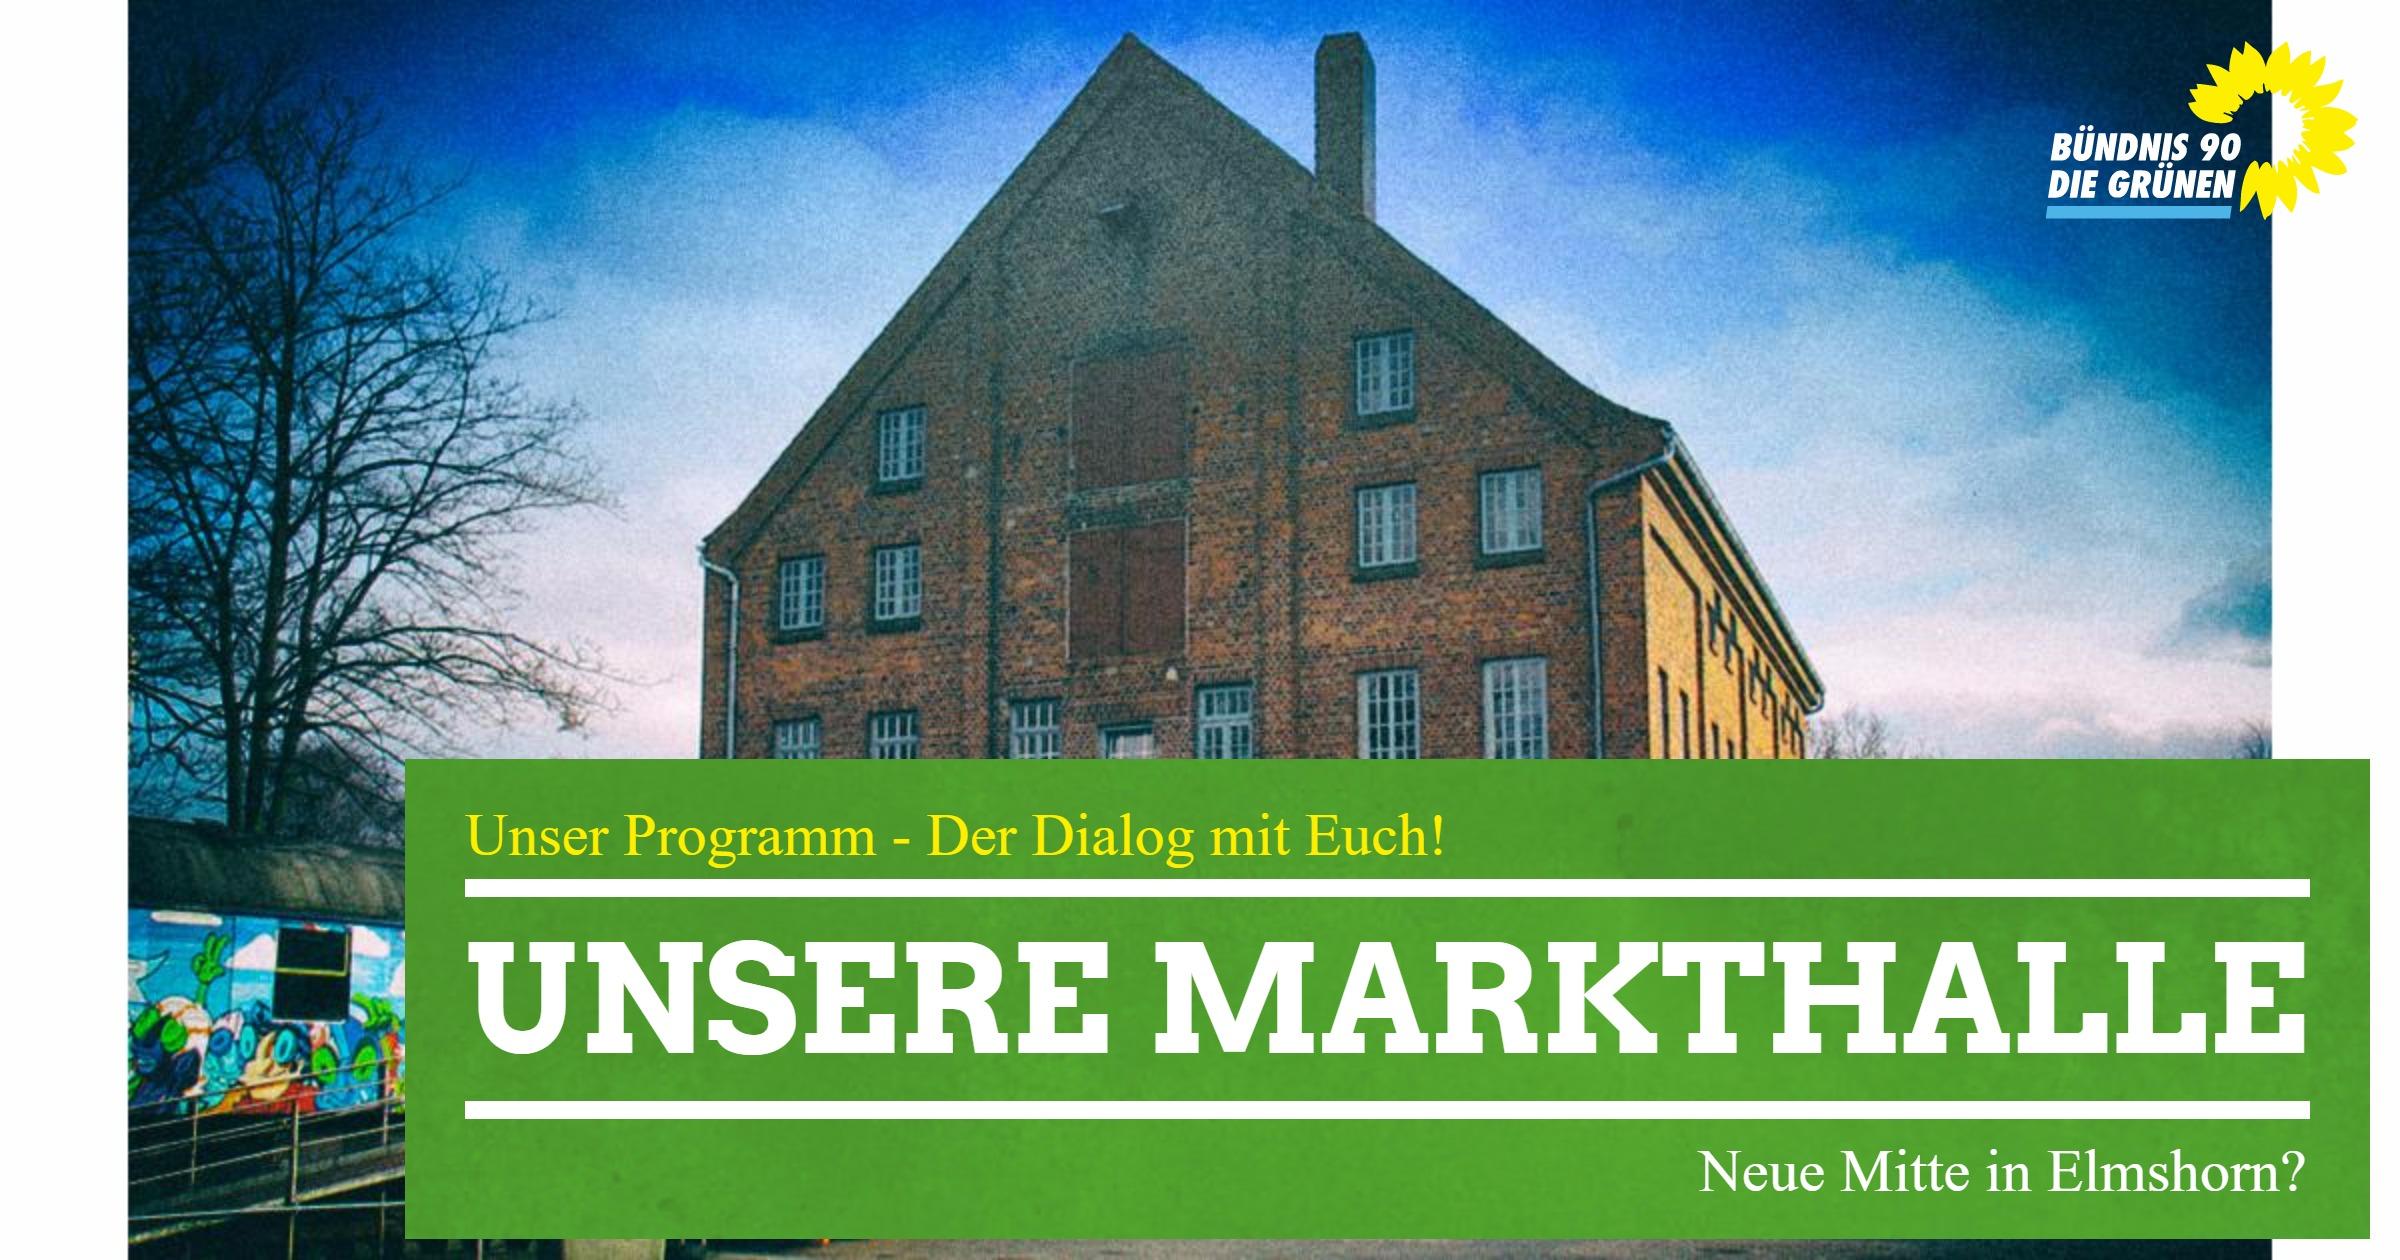 Unsere Markthalle – Neue Mitte in Elmshorn?